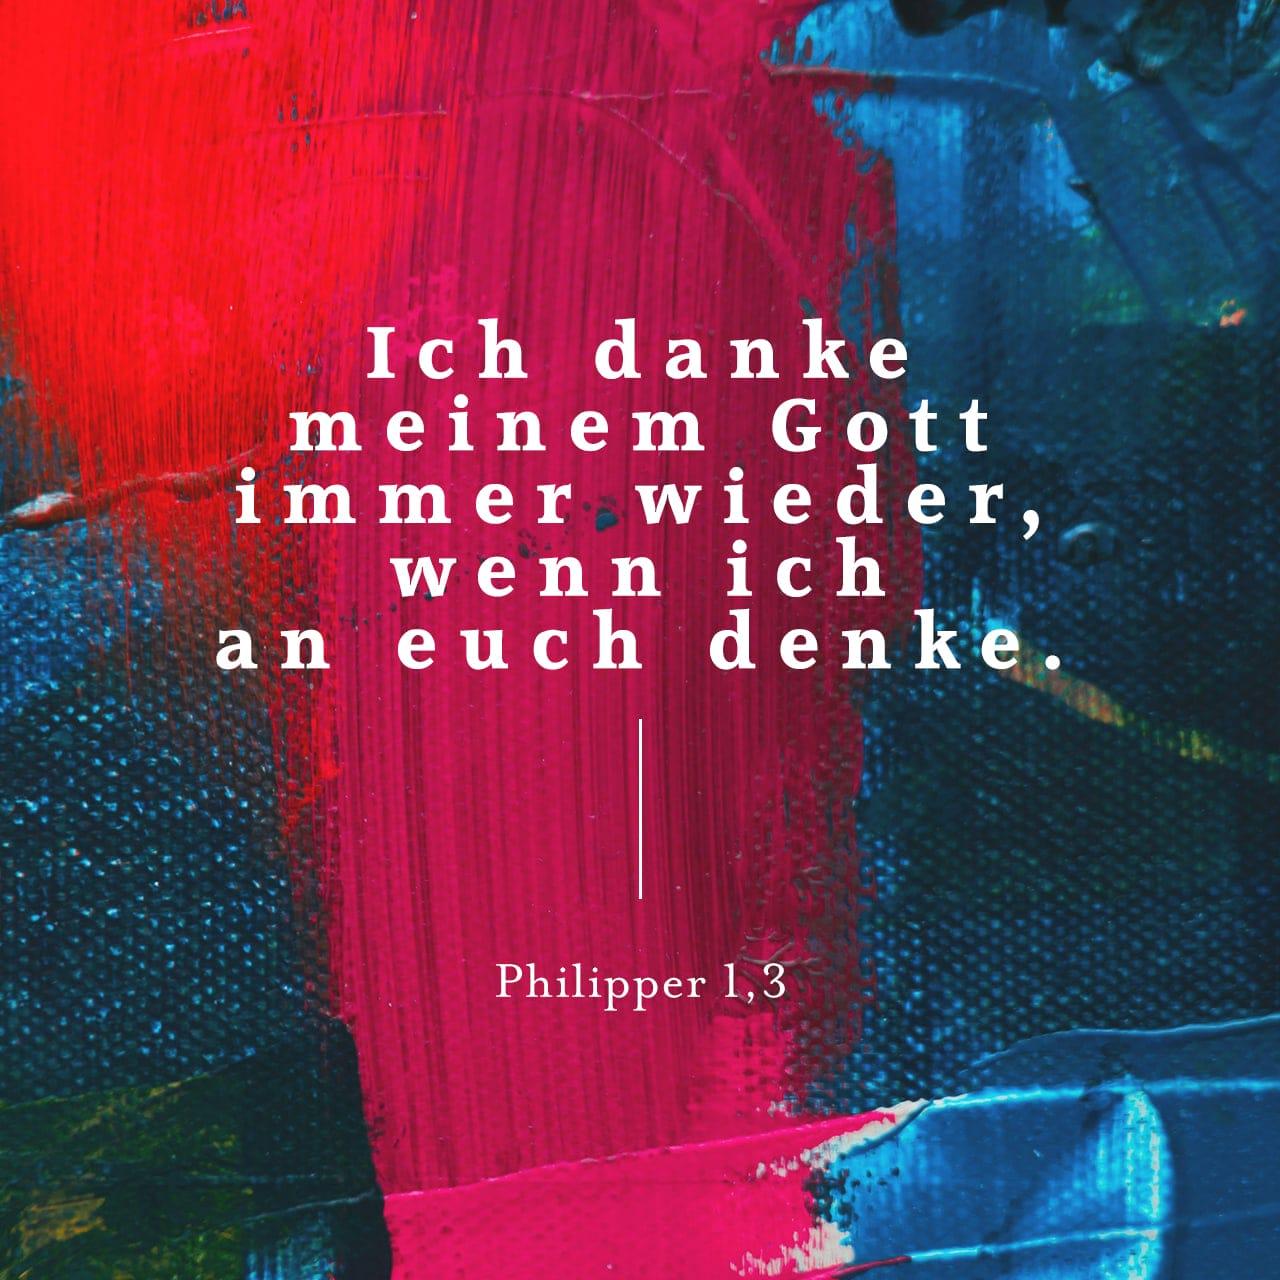 """Versbild für Philipper 1,3 - """"Ich danke meinem Gott immer wieder, wenn ich an euch denke."""""""